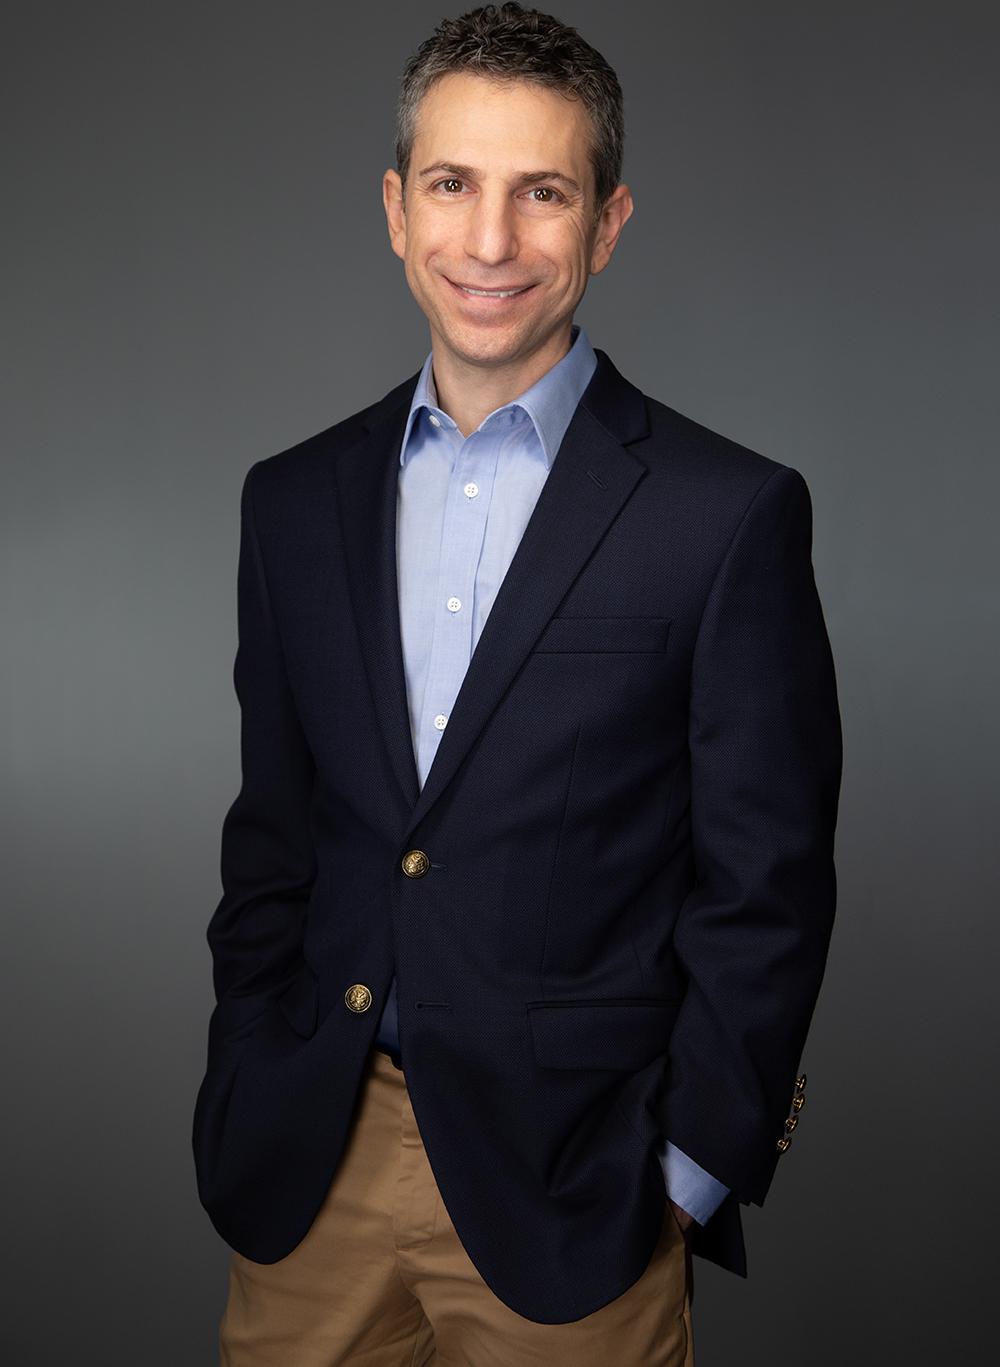 David Tuzzolino, CFA, CFP®